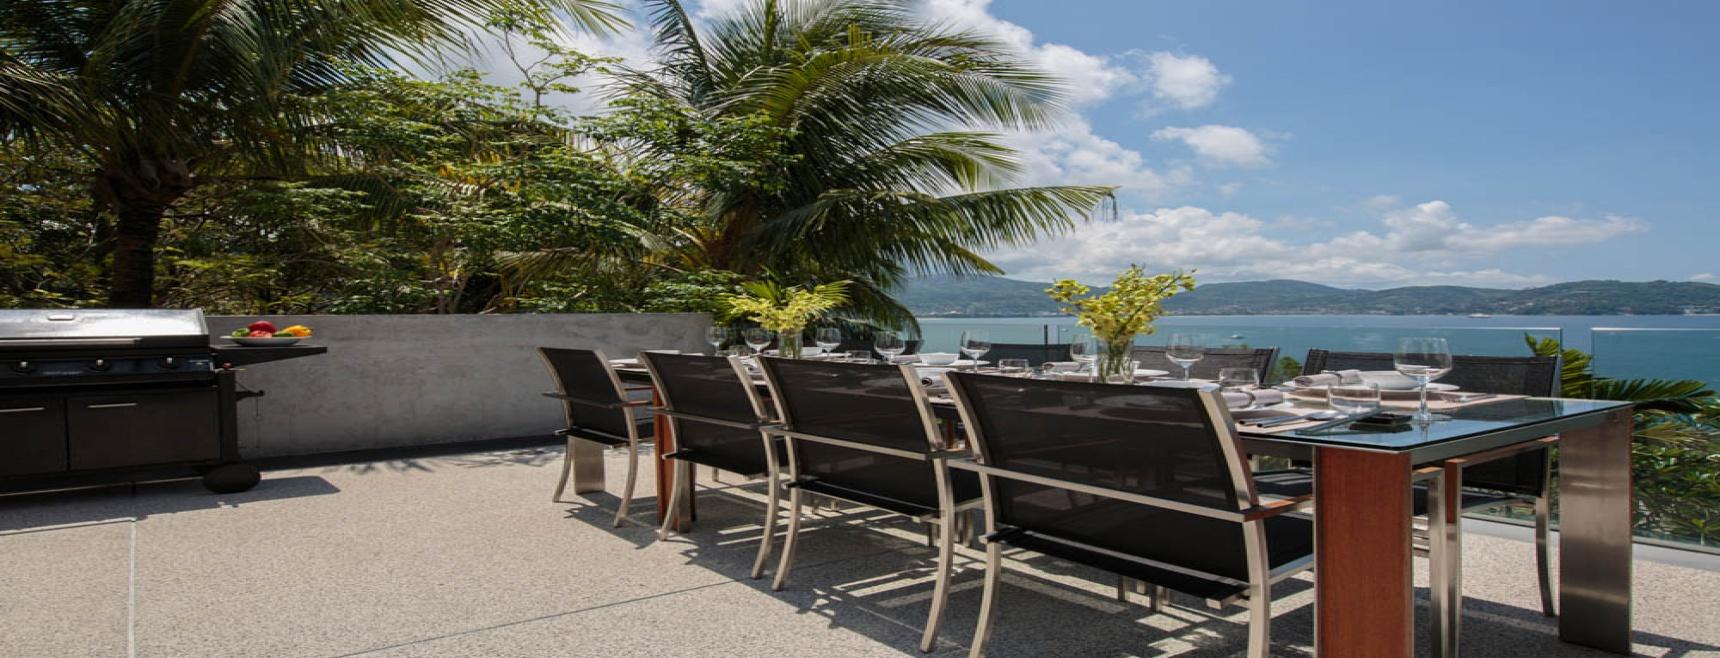 Samsara Luxury Ocean Front Villa Kamala Phuket